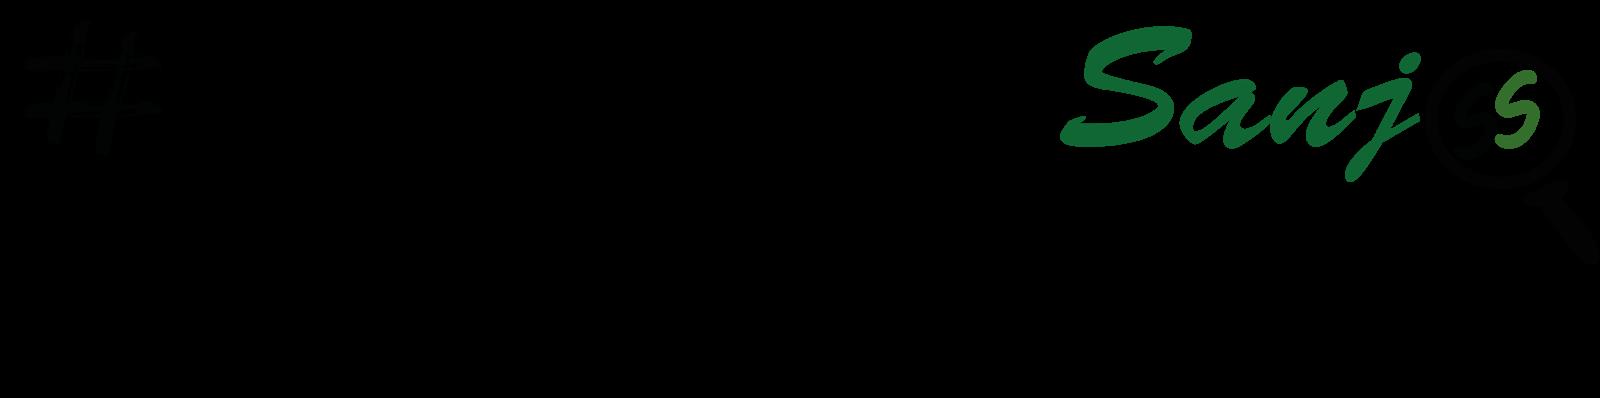 Stalkeate al Sanjo